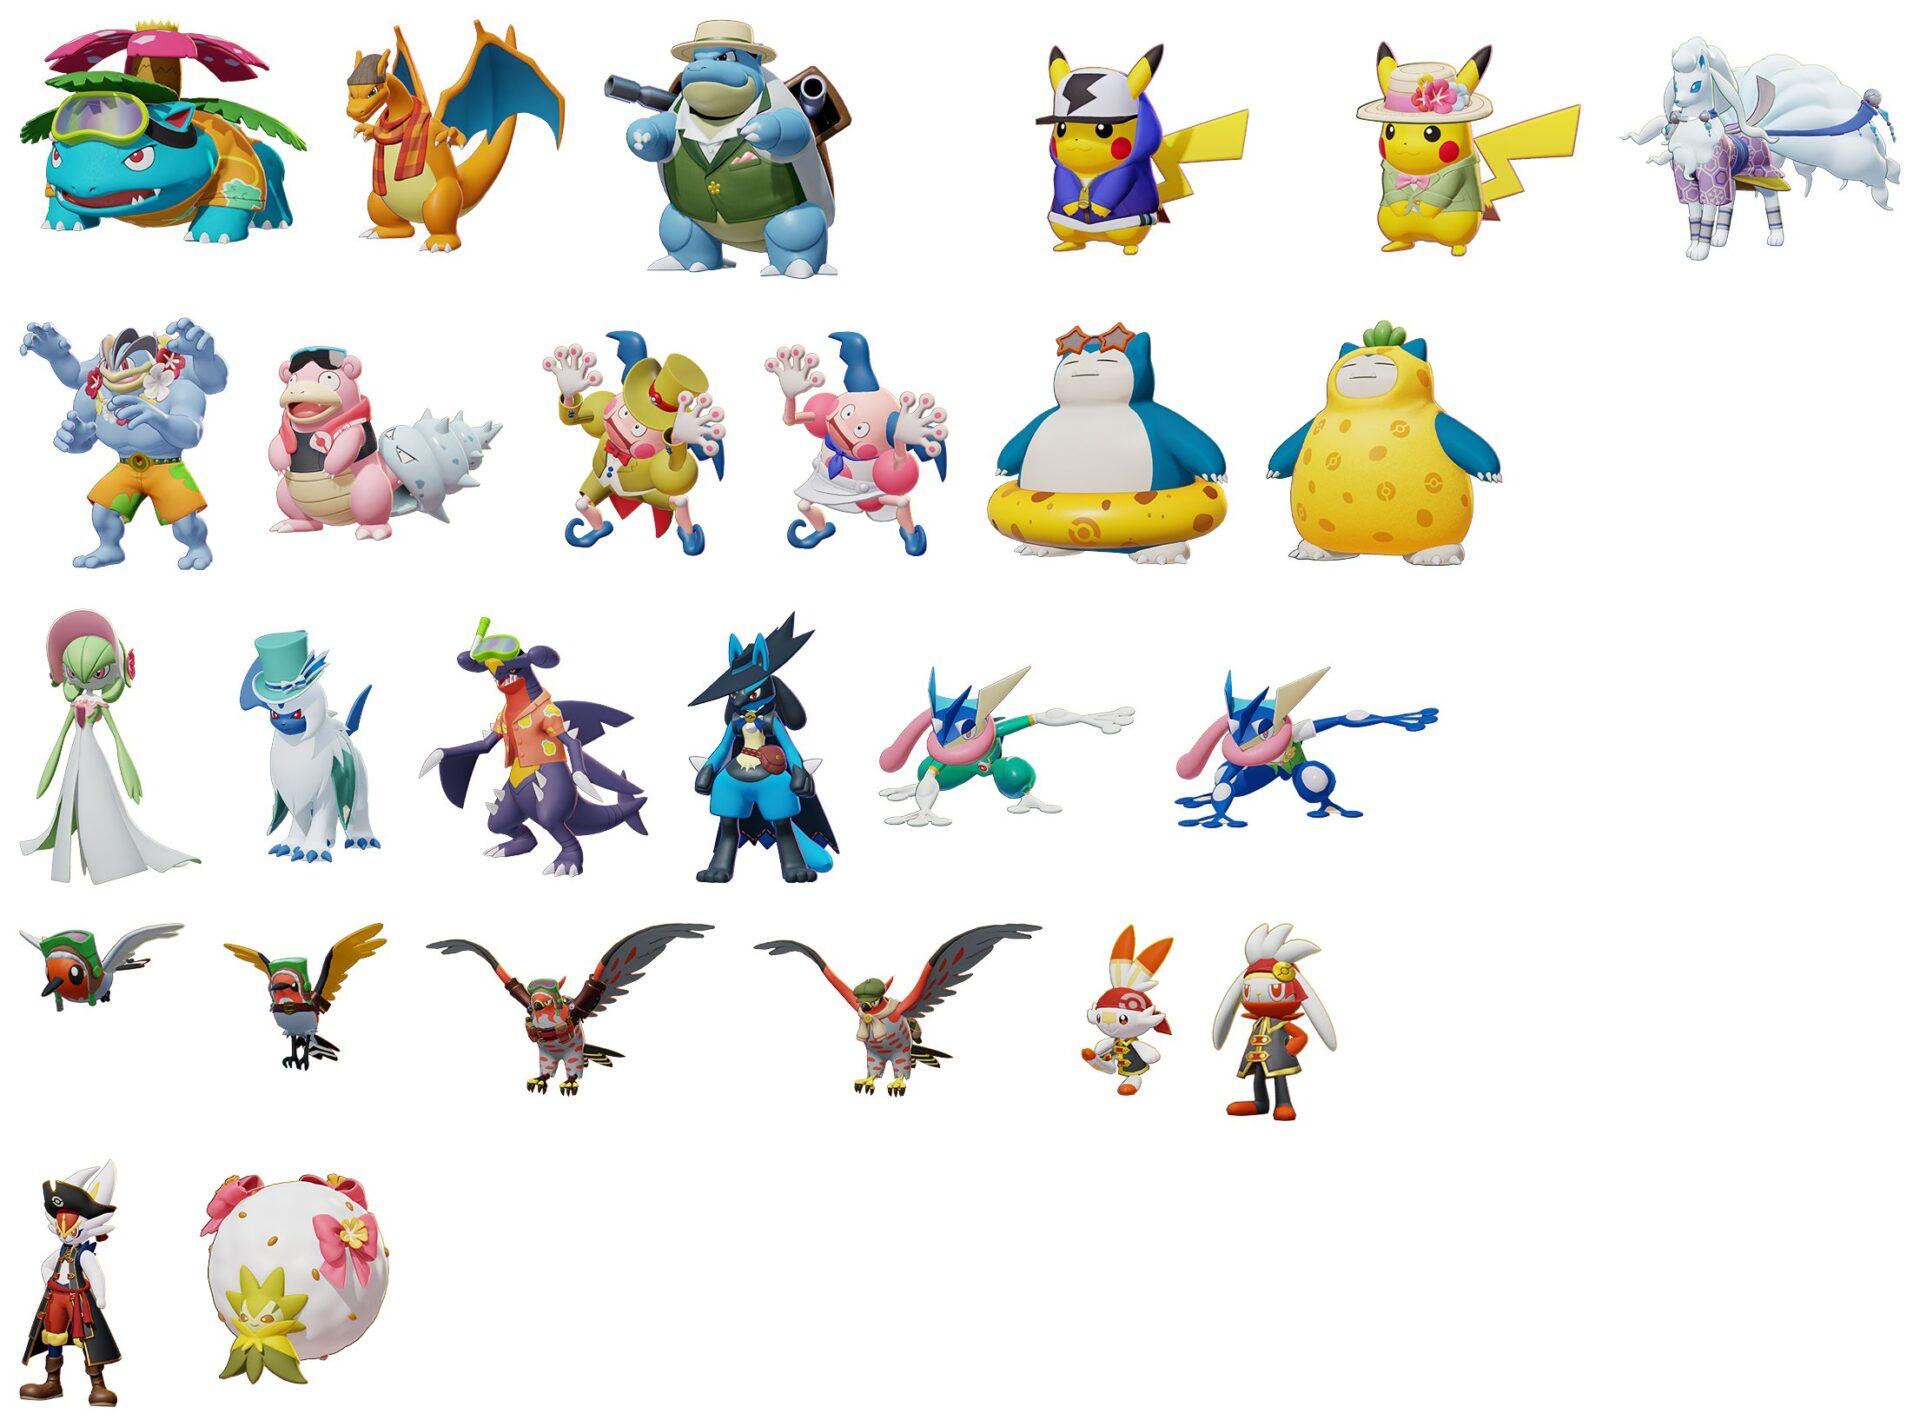 【ポケモンユナイト】新キャラリーク情報【新ポケモン】【Pokémon UNITE】